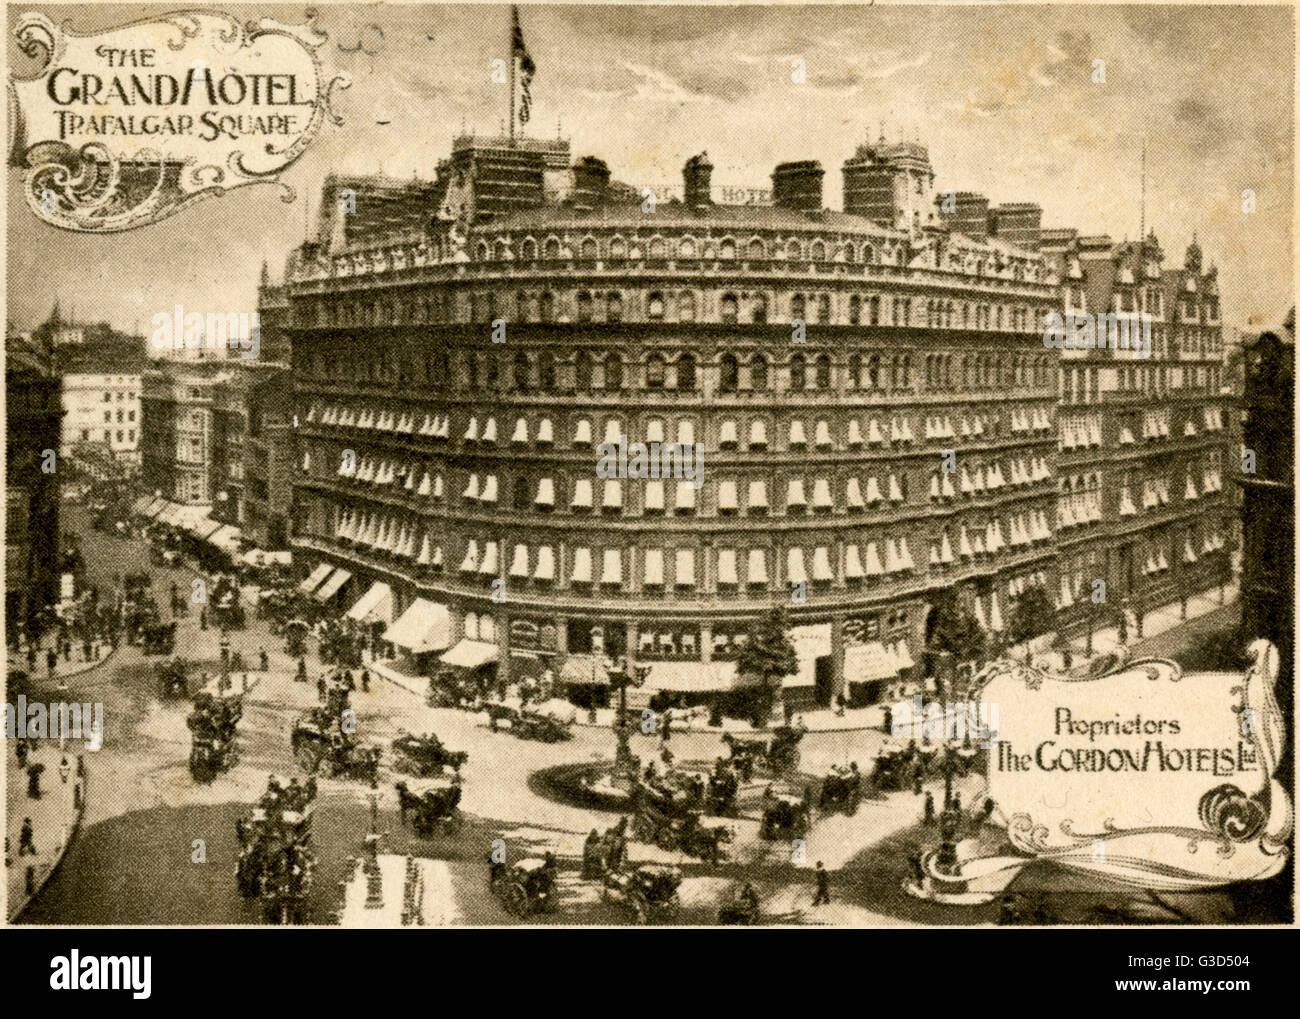 Grand Hotel Trafalgar Square London An Der Ecke Von The Strand Und Northumberland Avenue Datum 1908 Stockfotografie Alamy